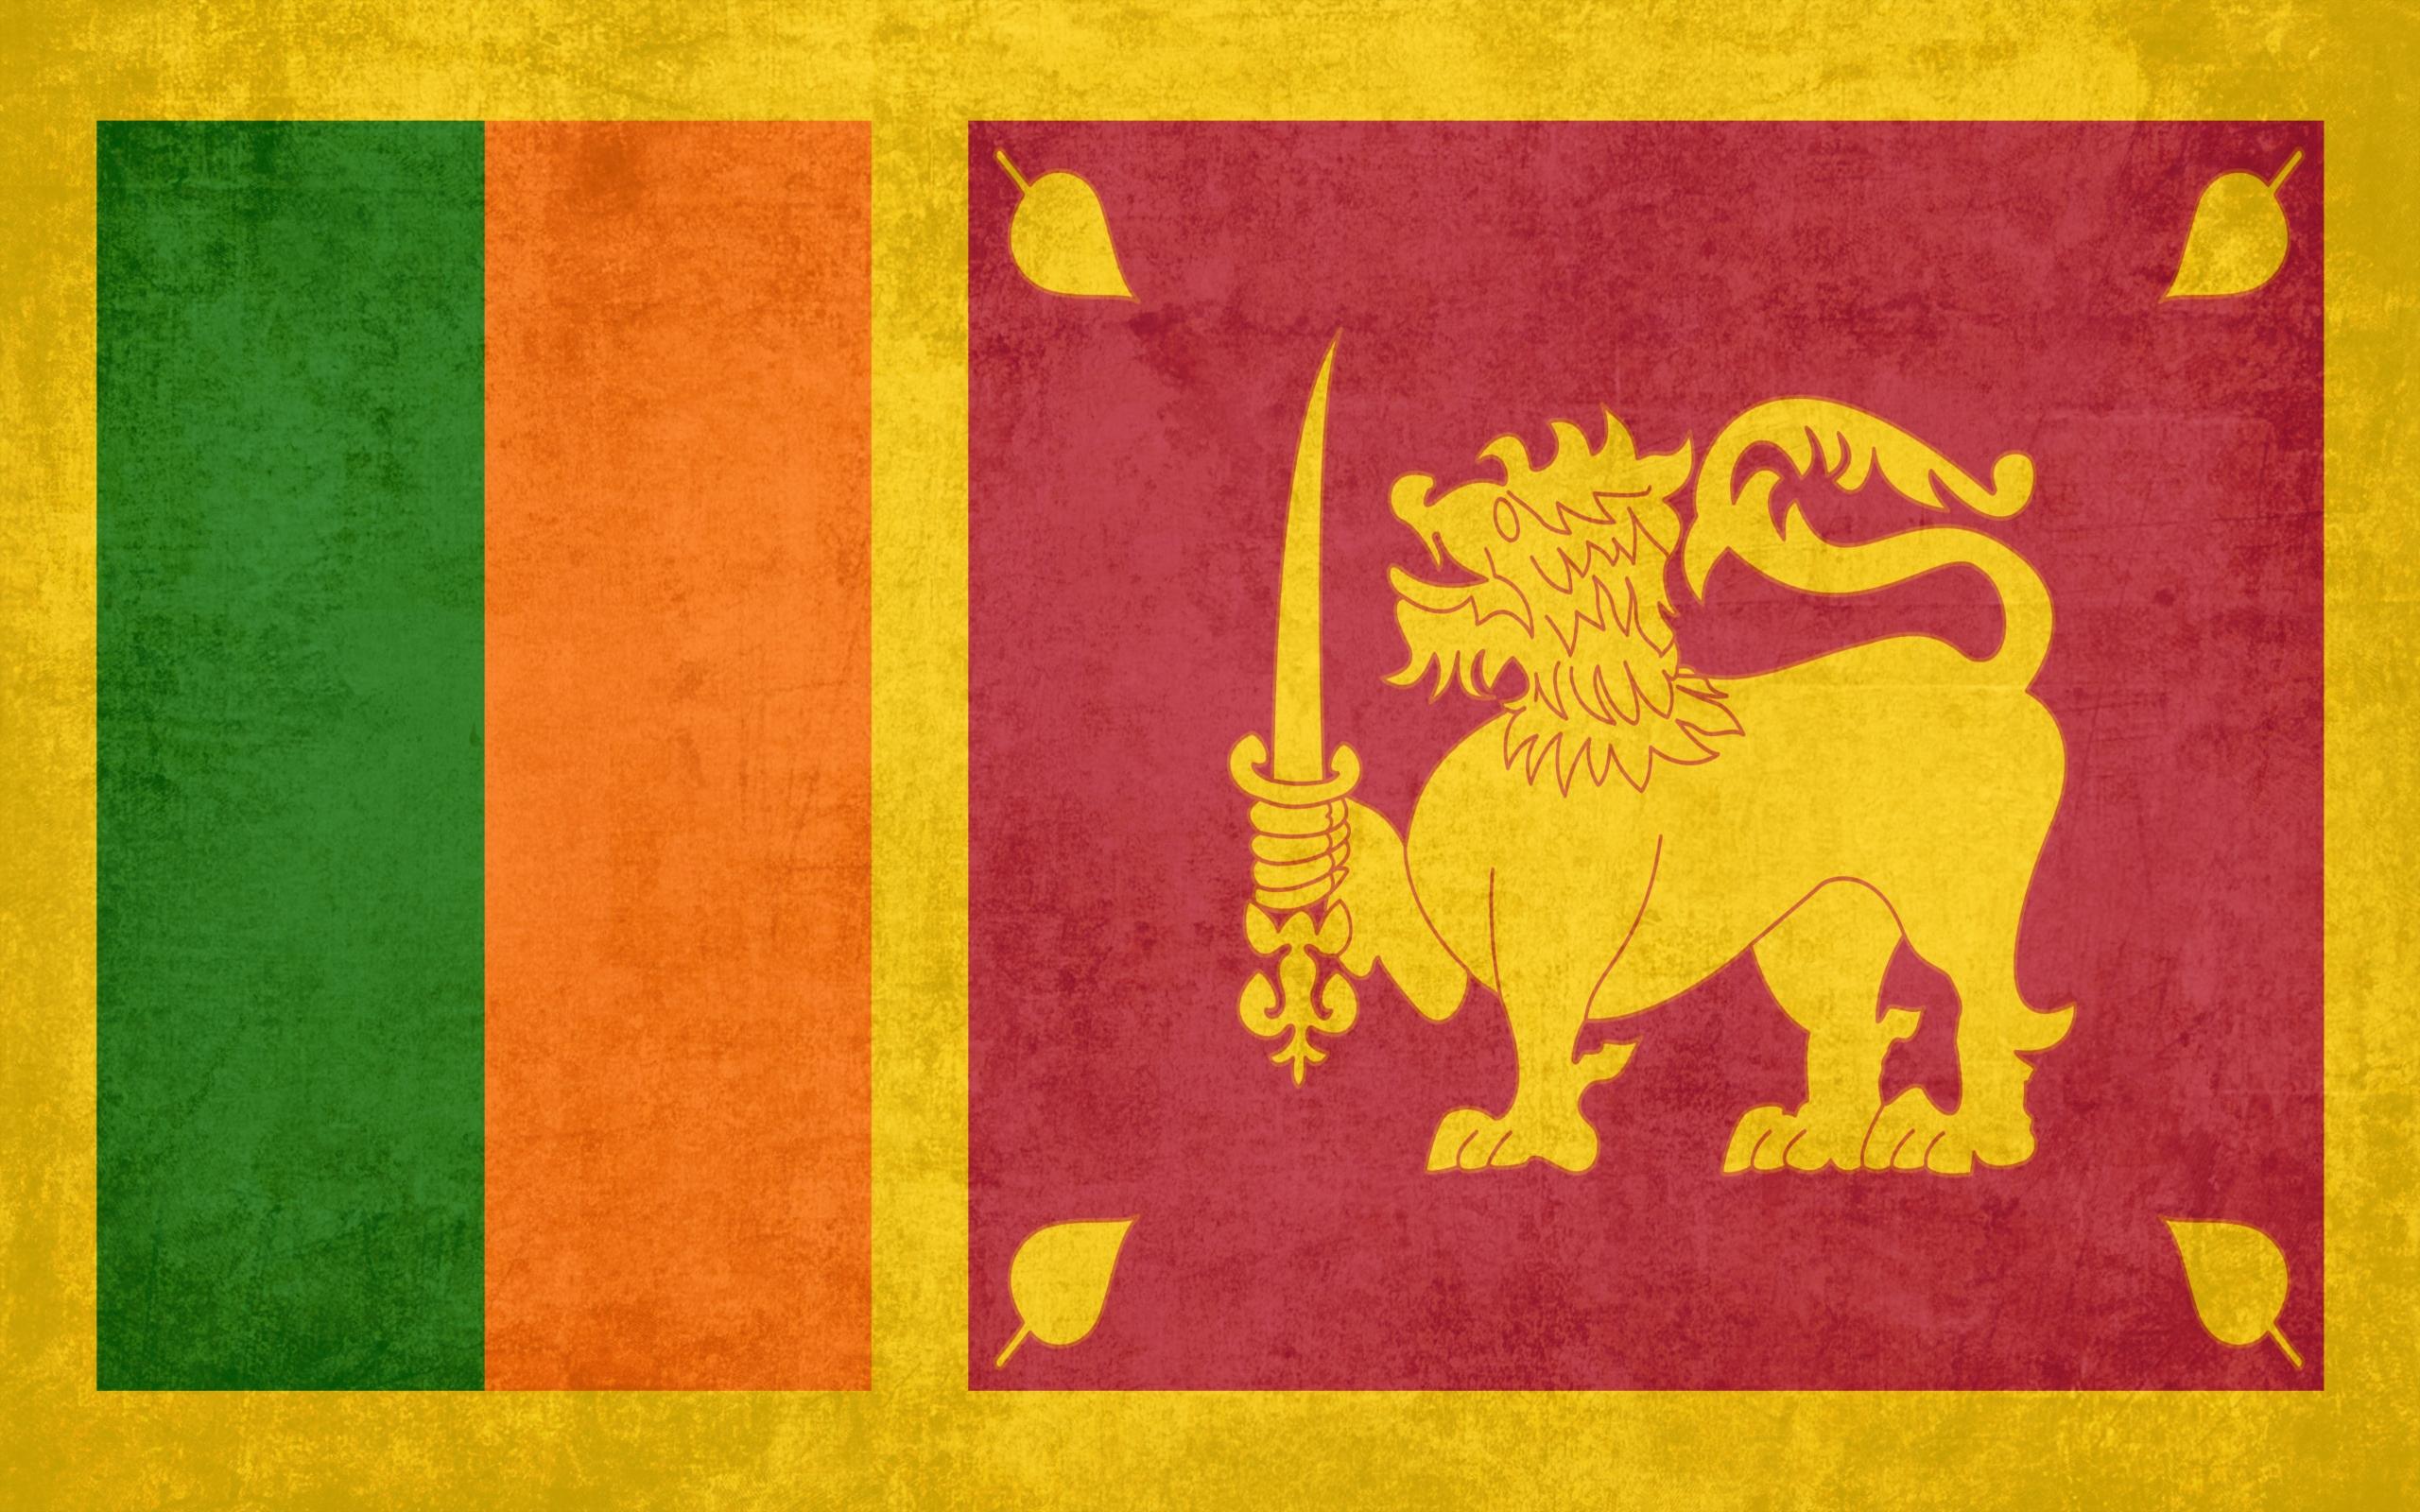 шри ланка фото флаг